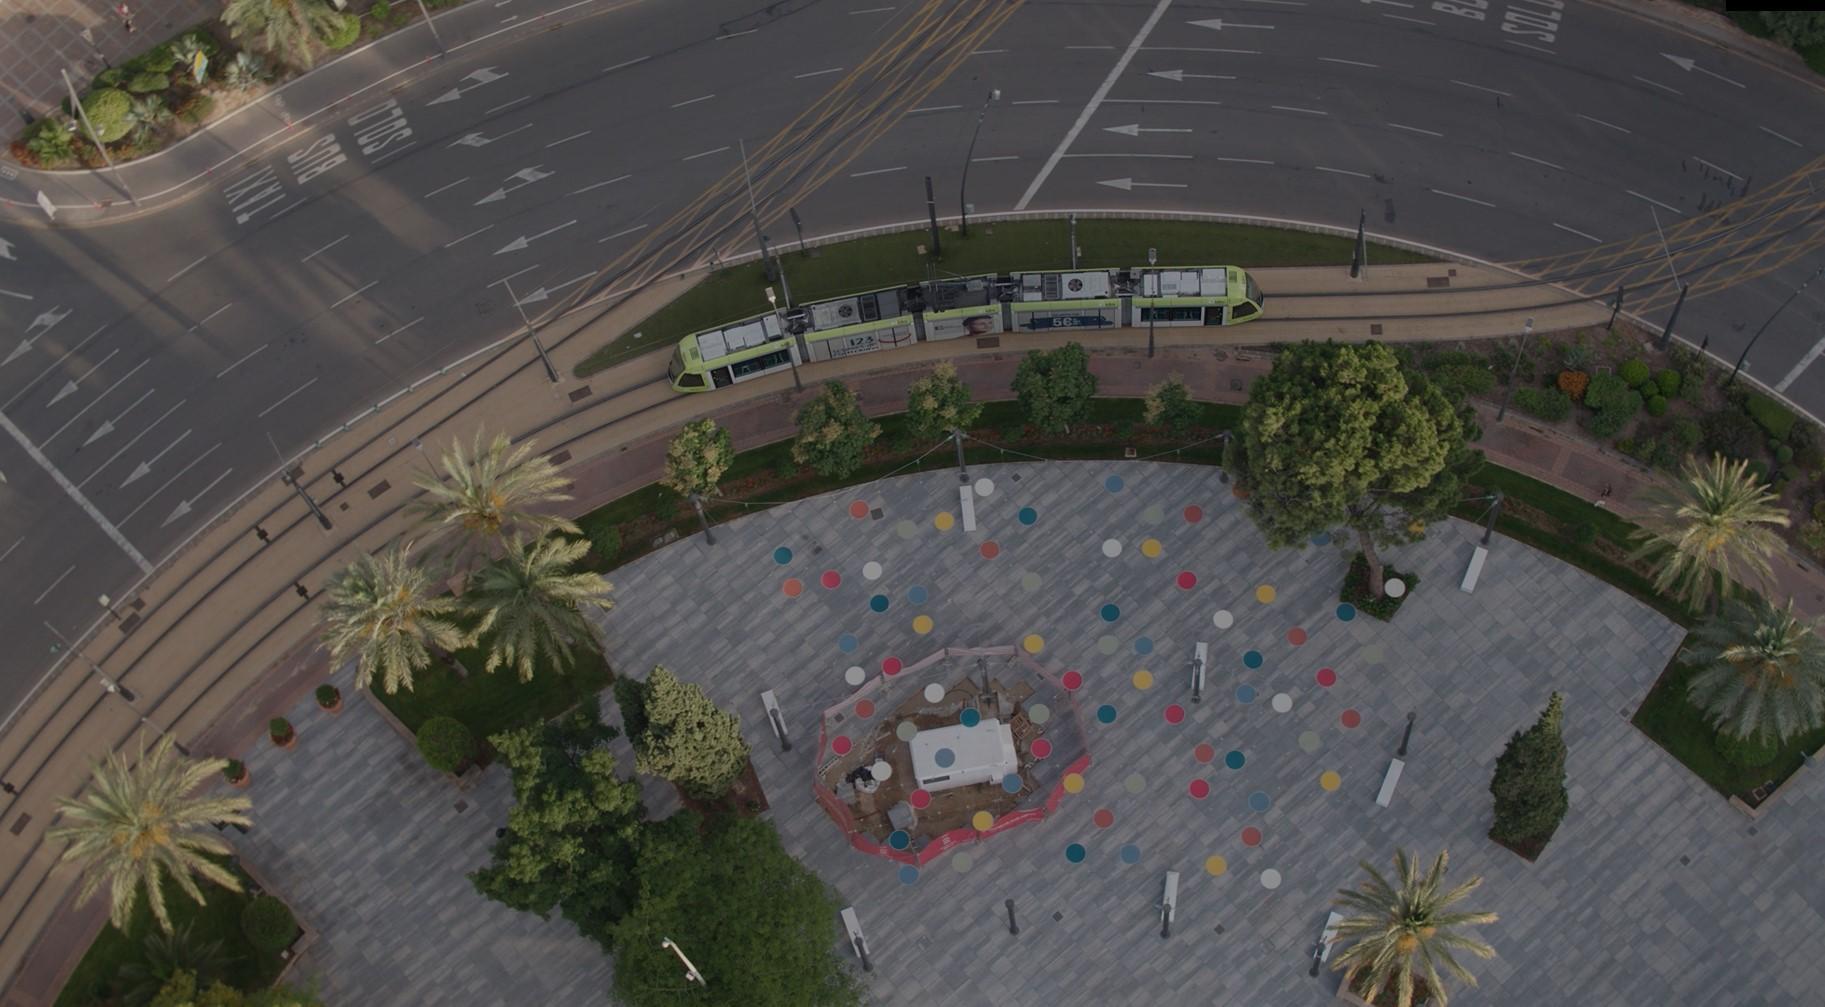 Tranvía de Murcia presenta su vídeo corporativo continuando con la celebración del Décimo Aniversario